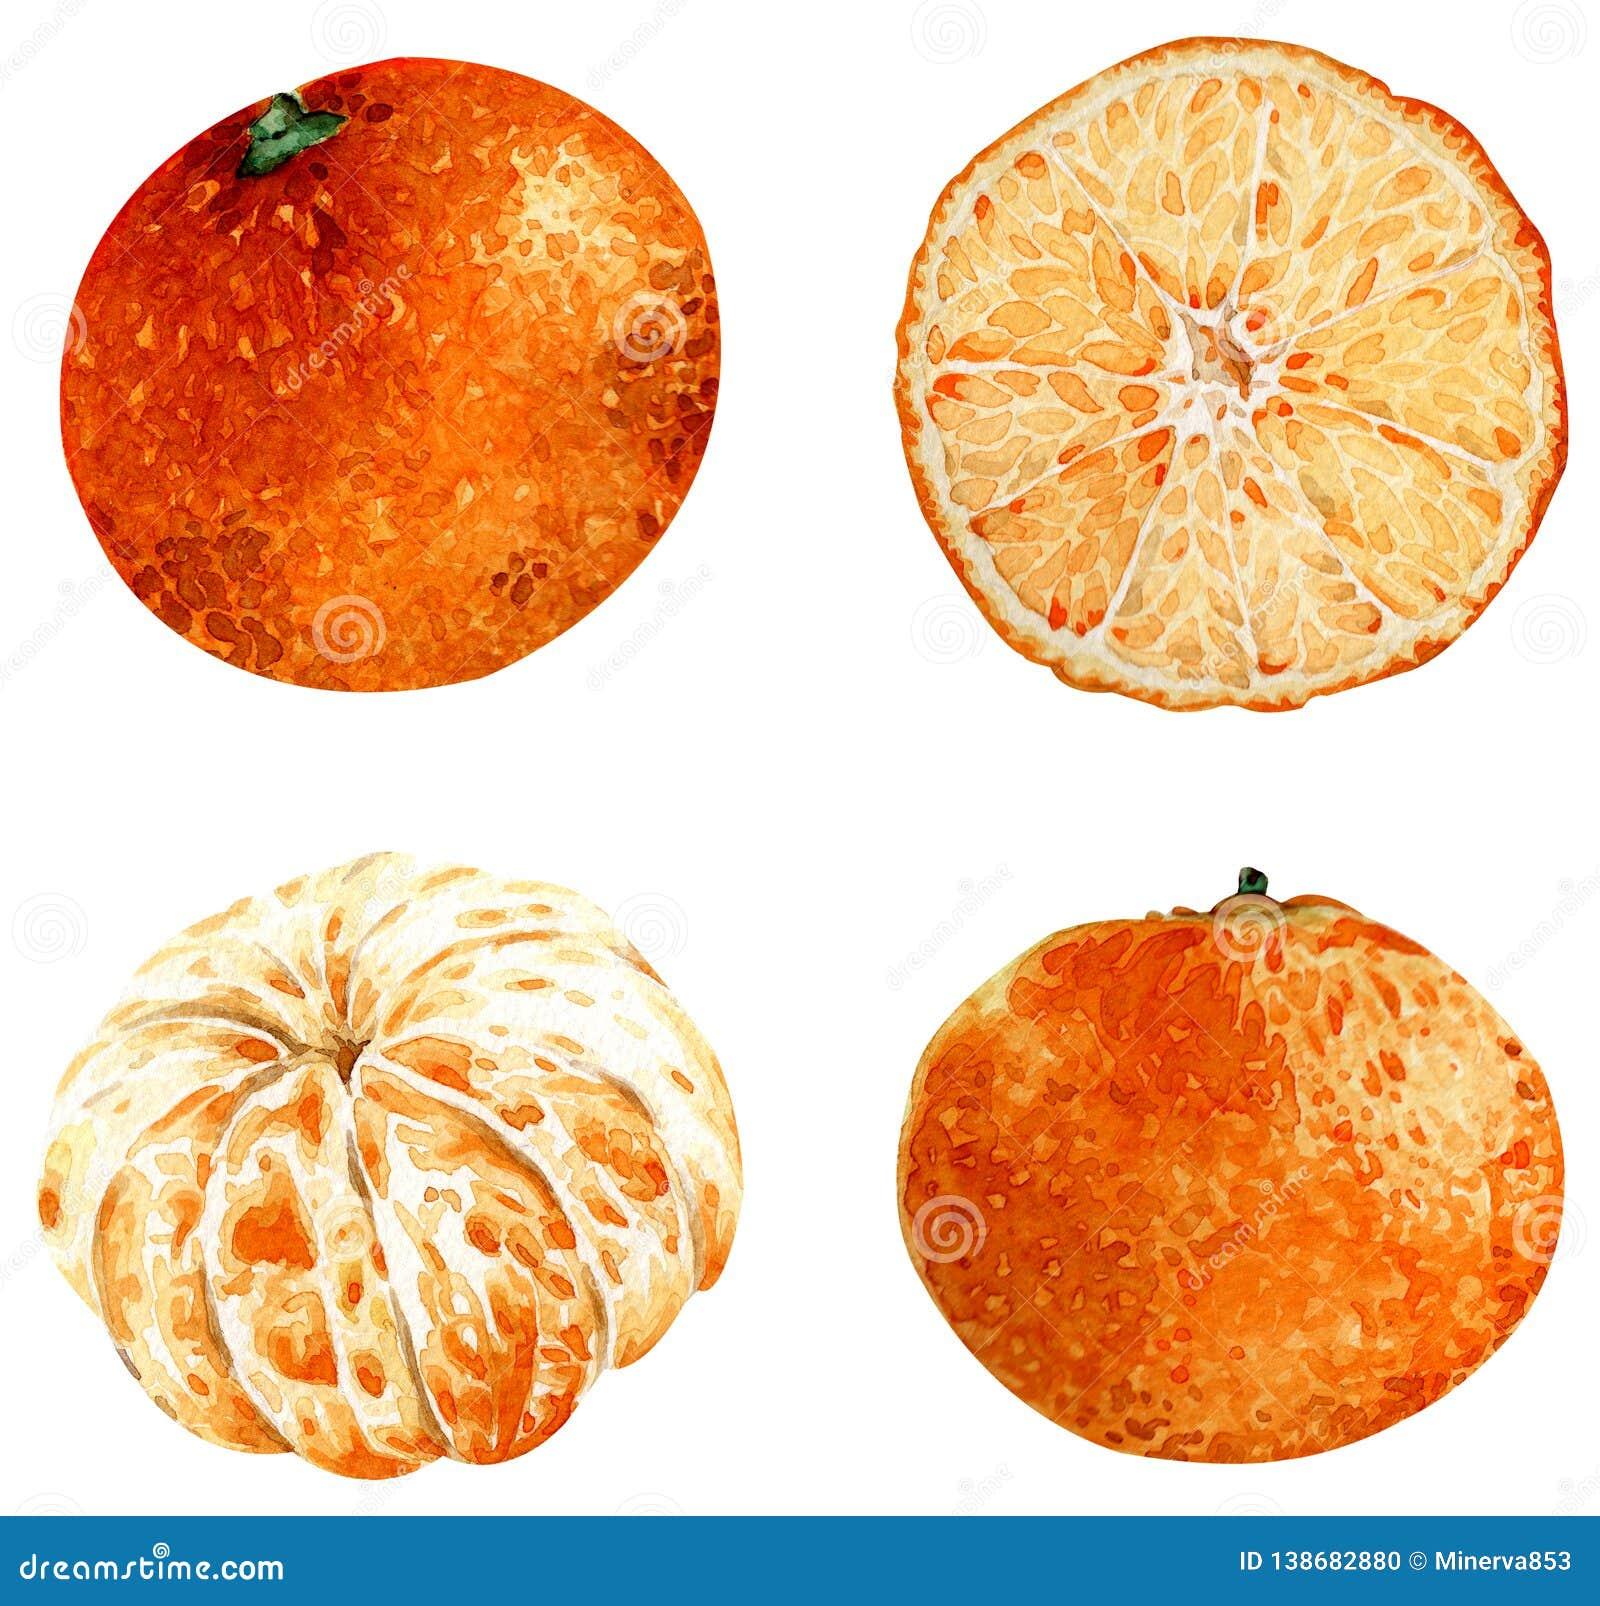 Clipart Tangerine изолированное на белой предпосылке иллюстрация тропическая плодоовощи изображение иллюстрации летания клюва дек